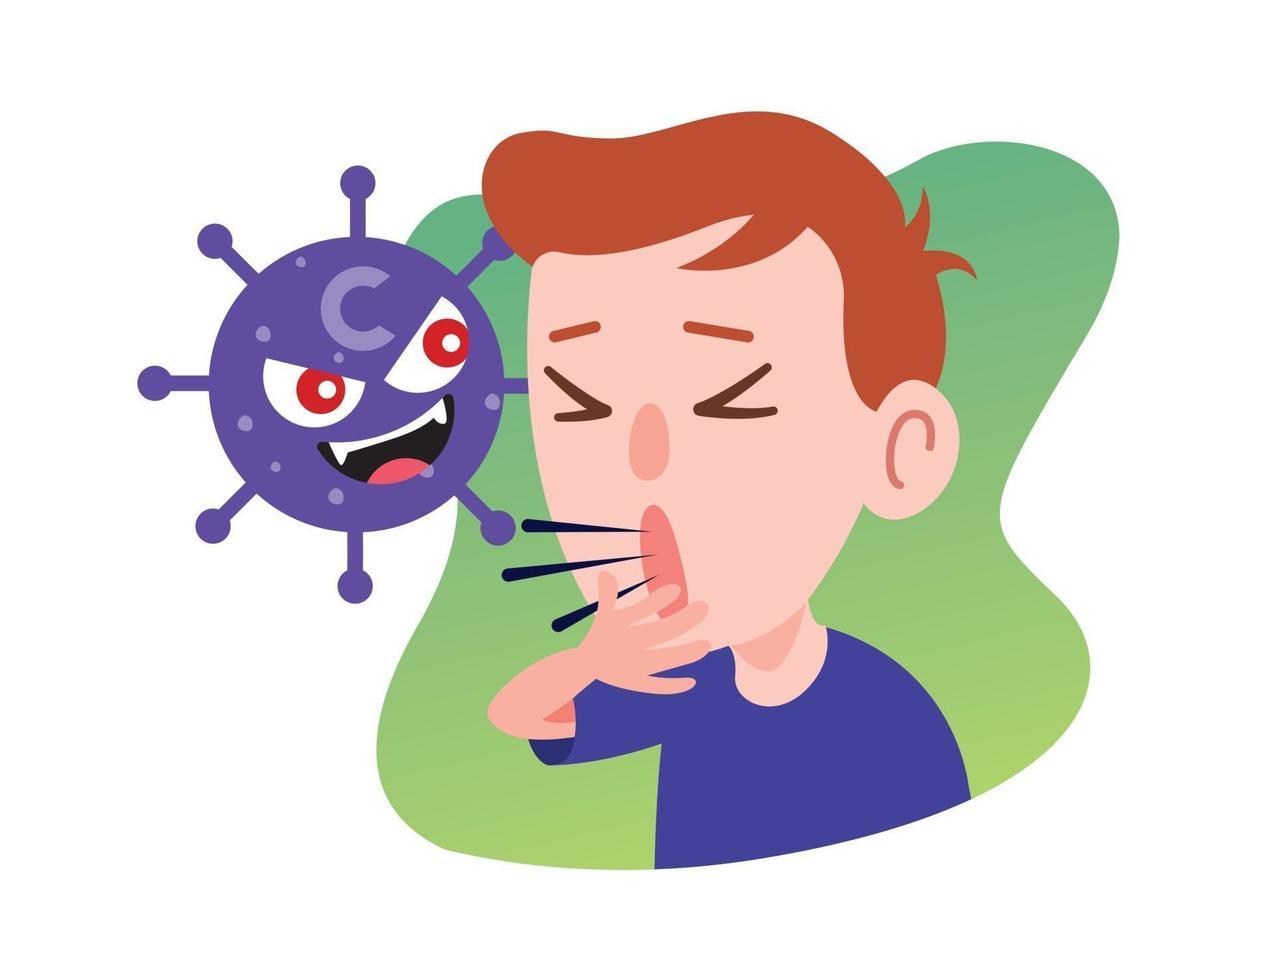 bambino che tossisce gravemente a causa di un attacco di carattere virale vettore